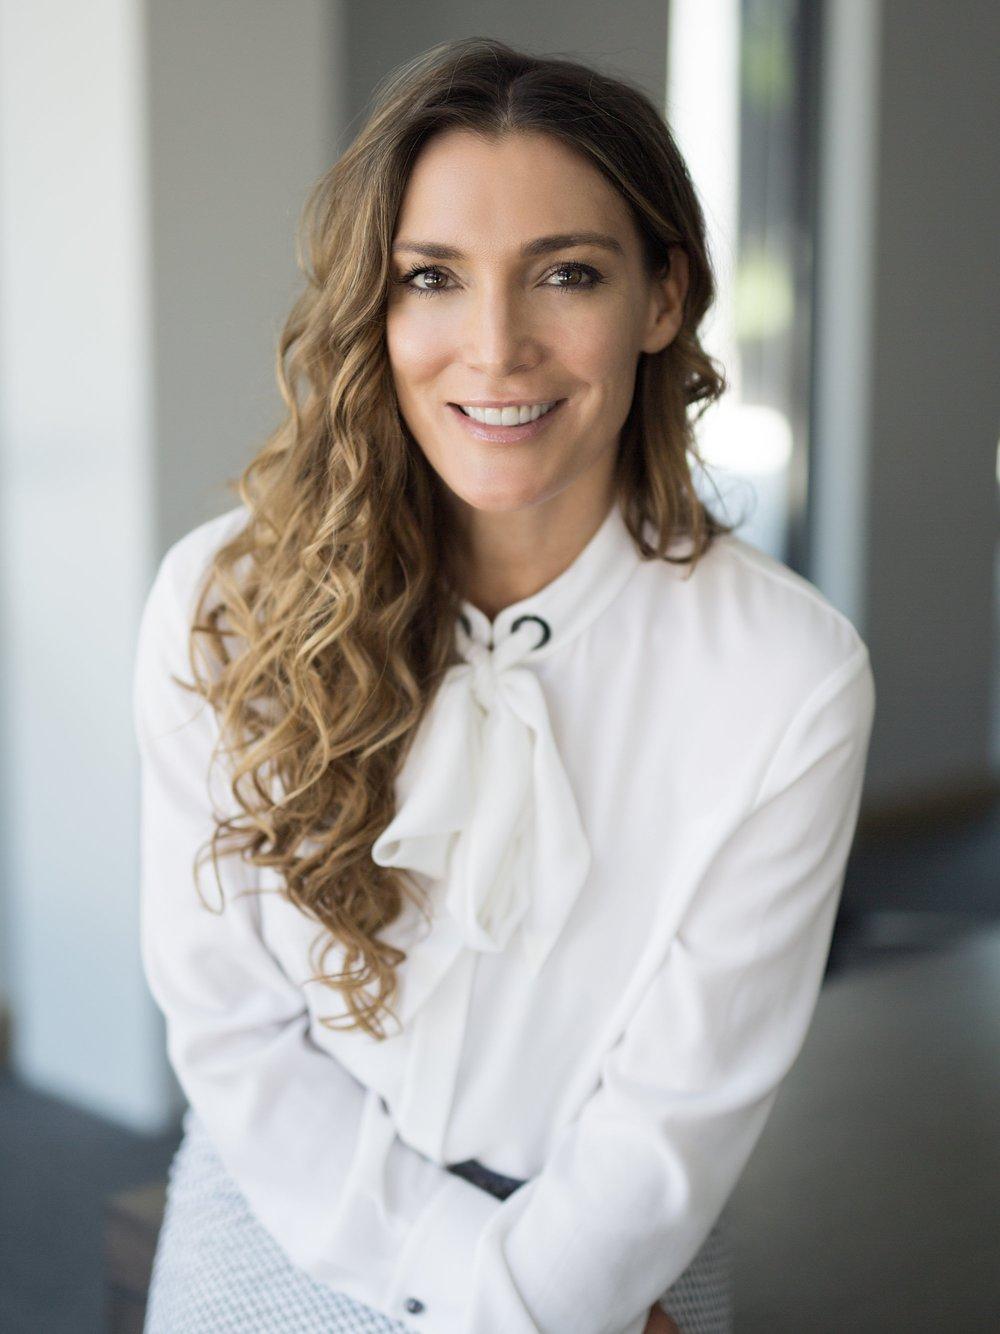 Jessica Prudden